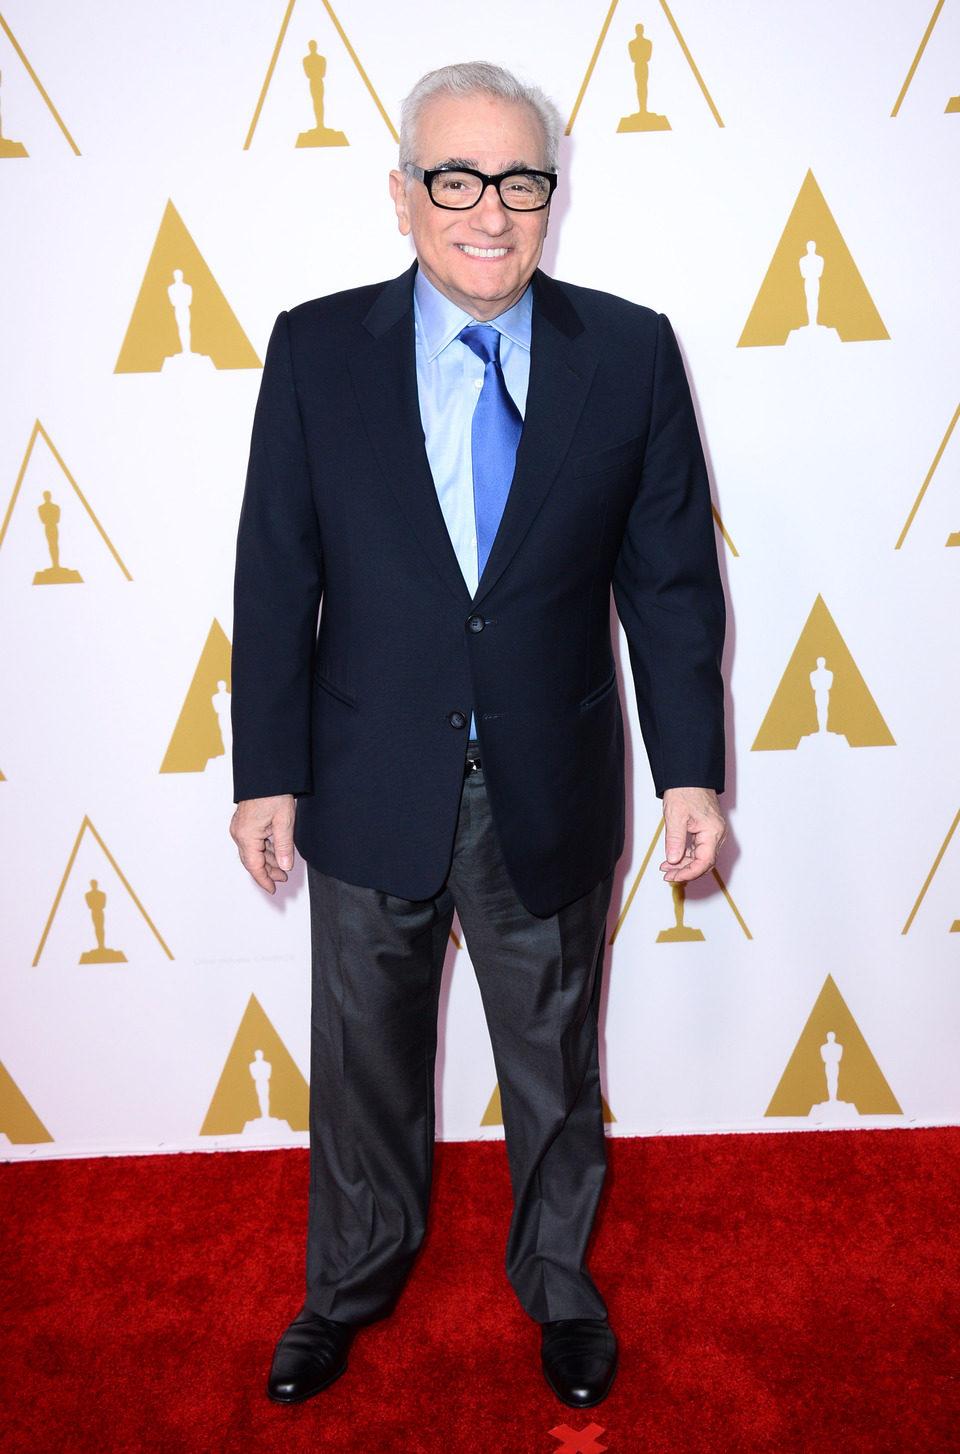 Martin Scorsese en el almuerzo de los nominados a los Premios Oscar 2014